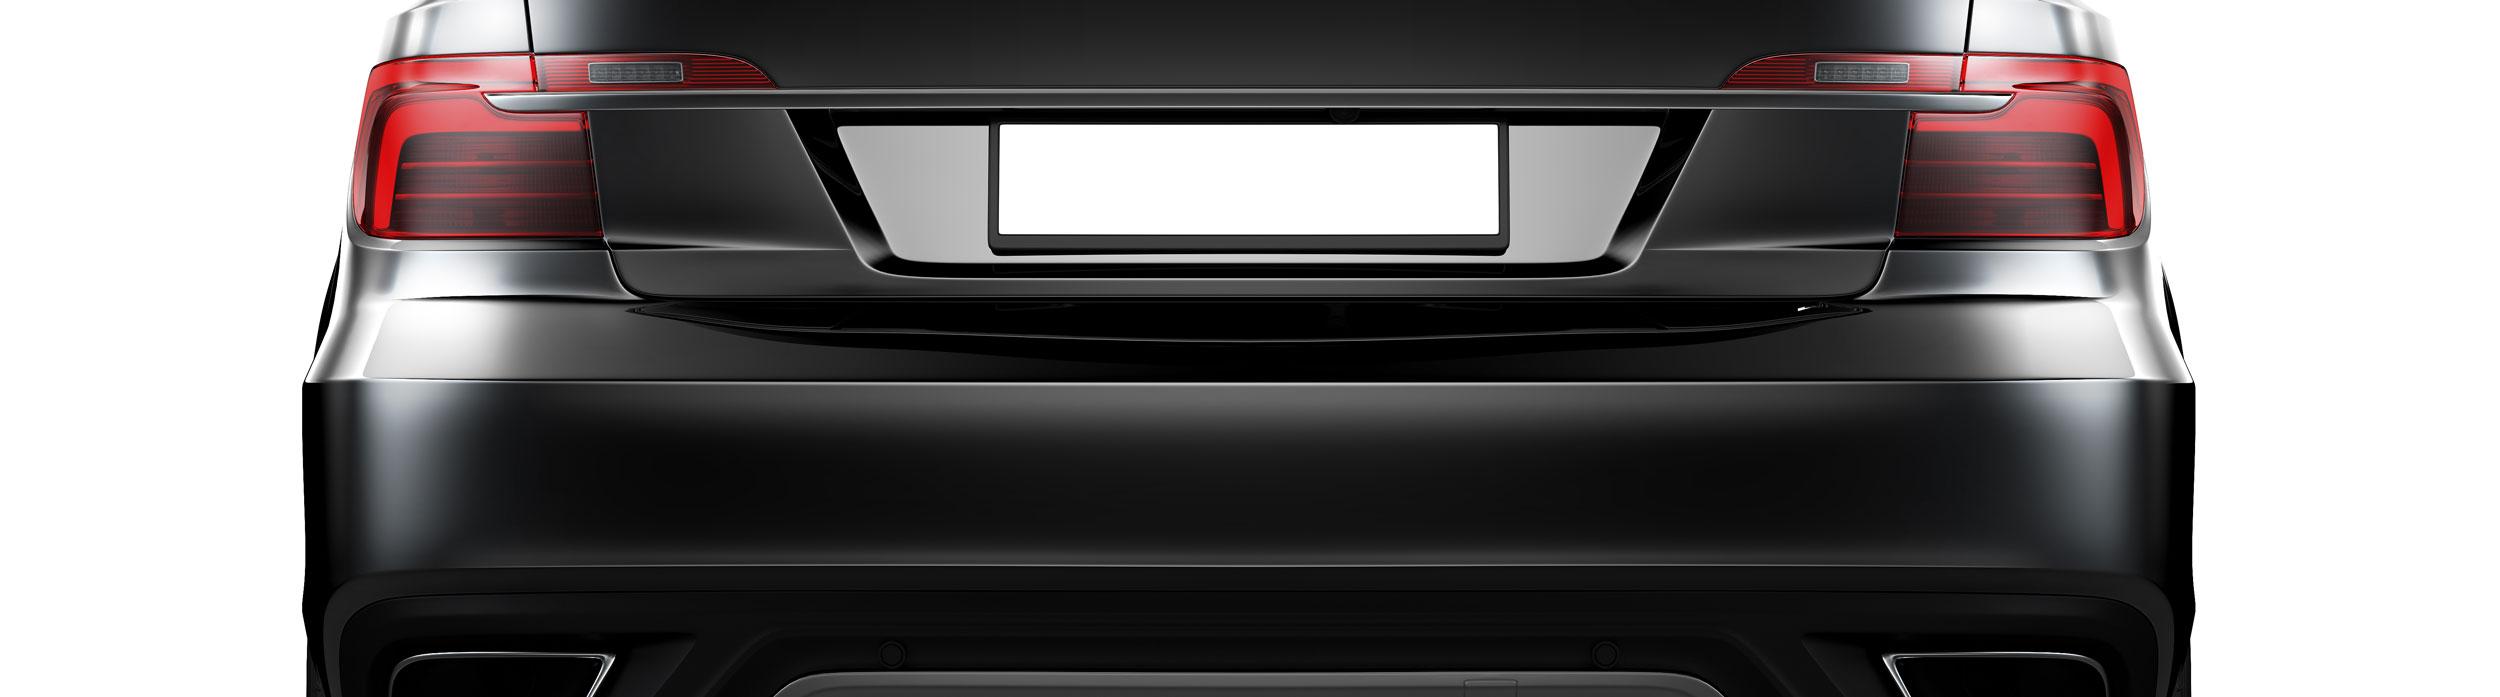 Automotive-picture-Songwon.jpg#asset:279